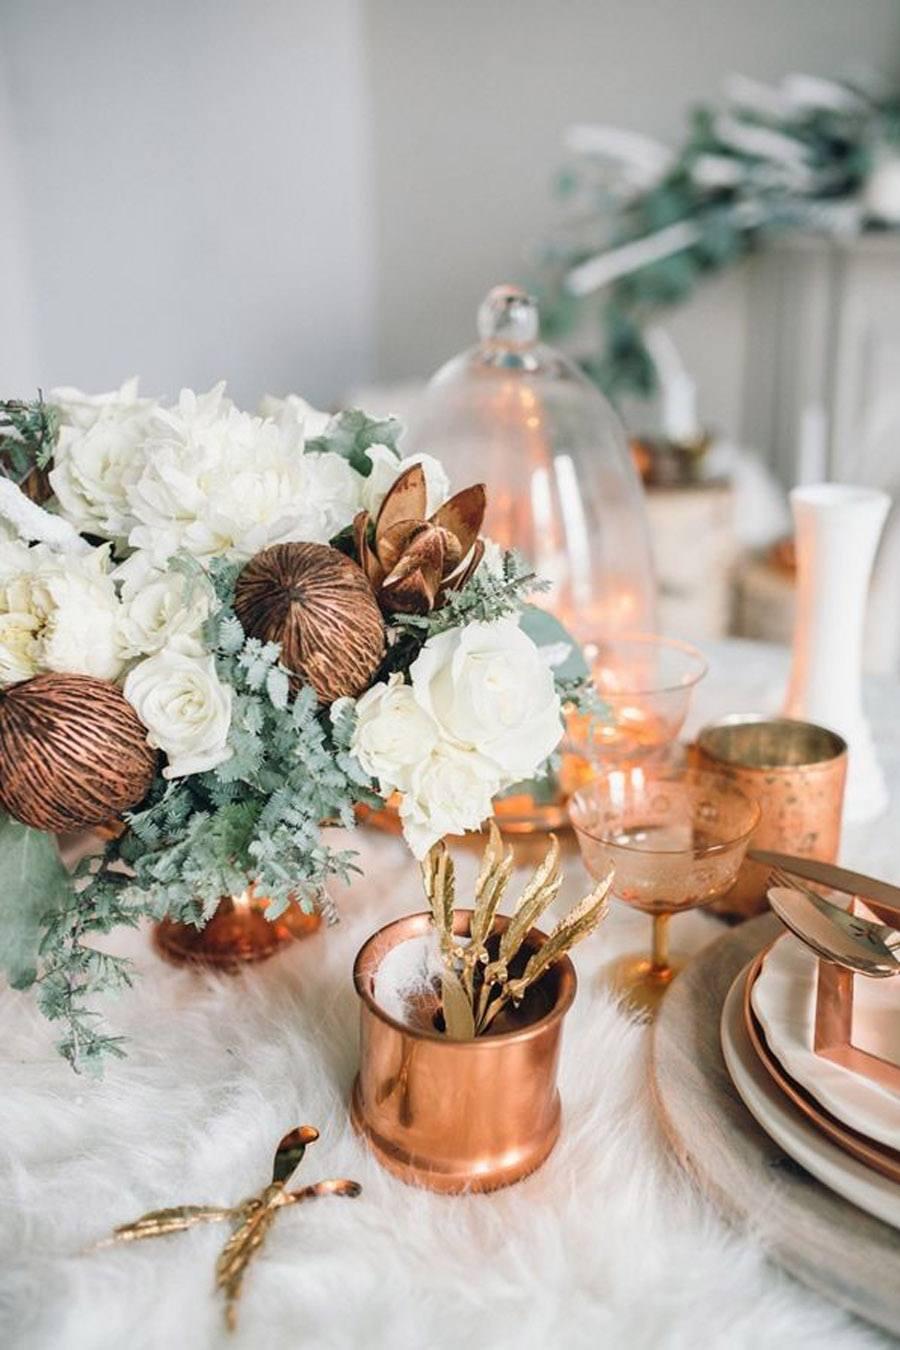 DECORACIÓN DE BODA EN BRONCE deco-bodas-bronce